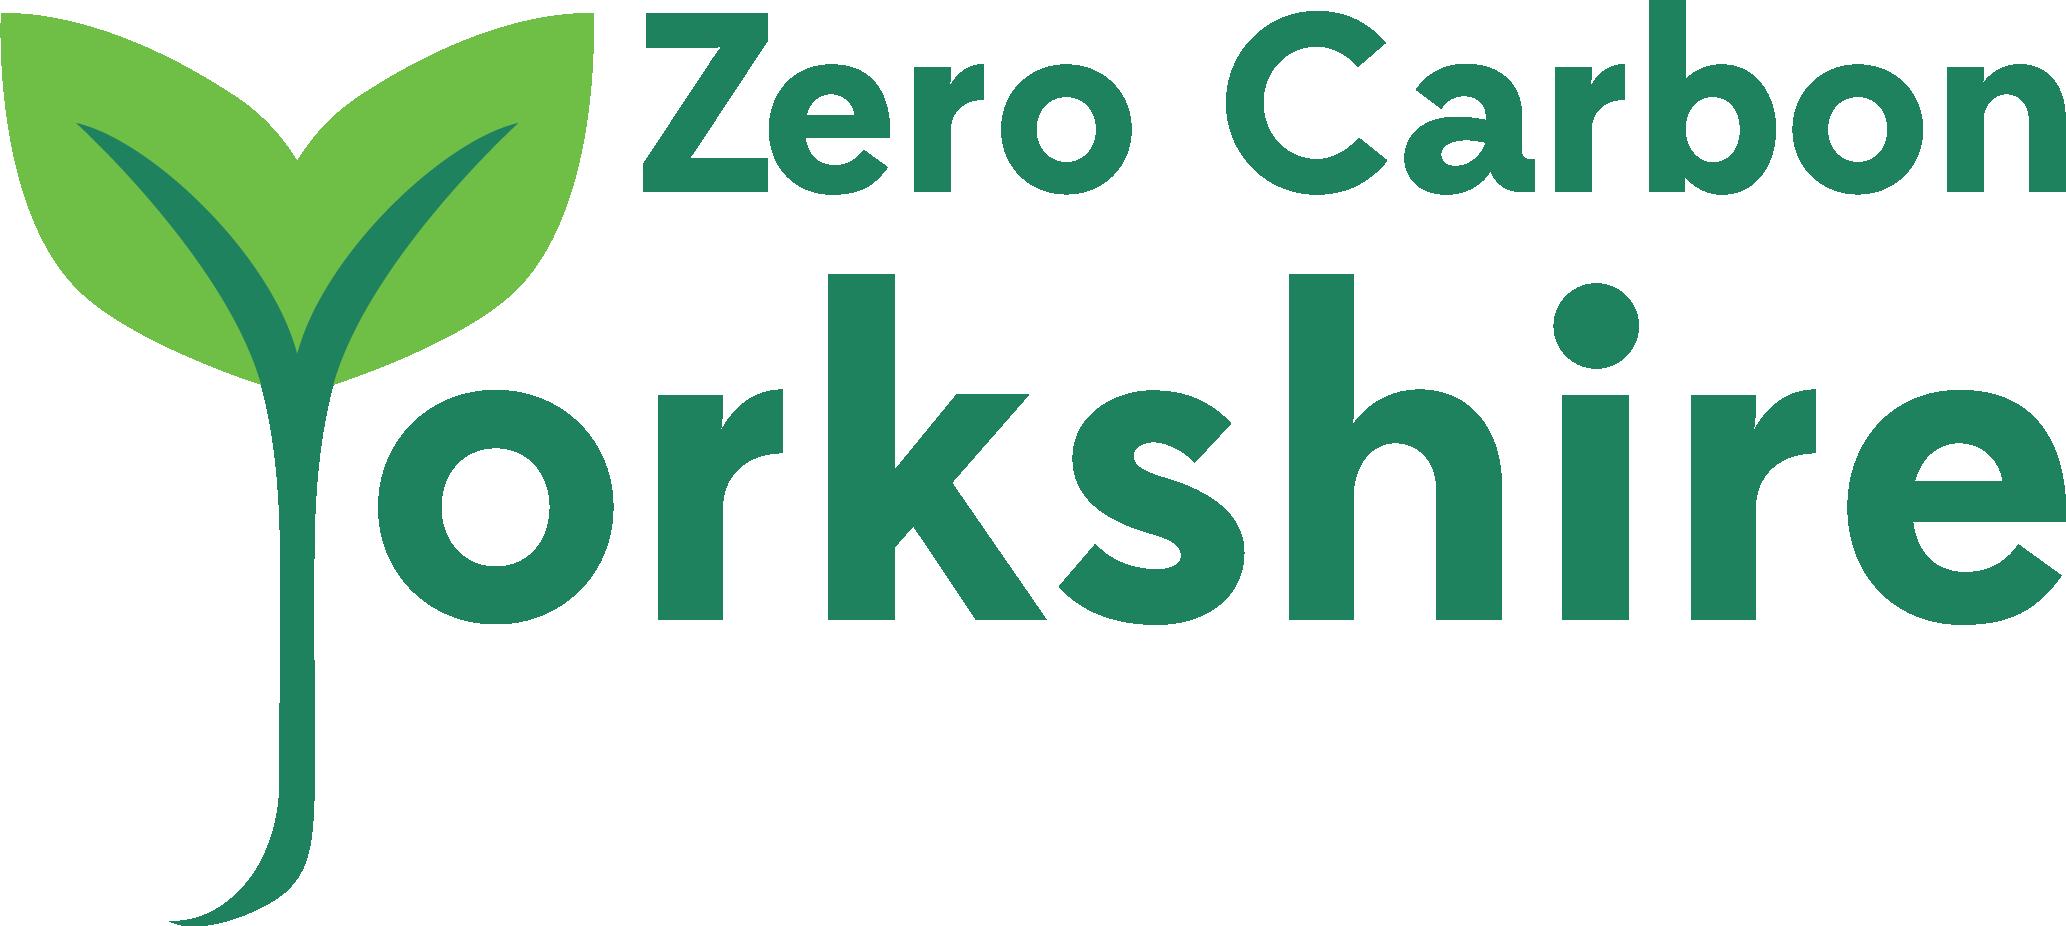 Zero Carbon Yorkshire